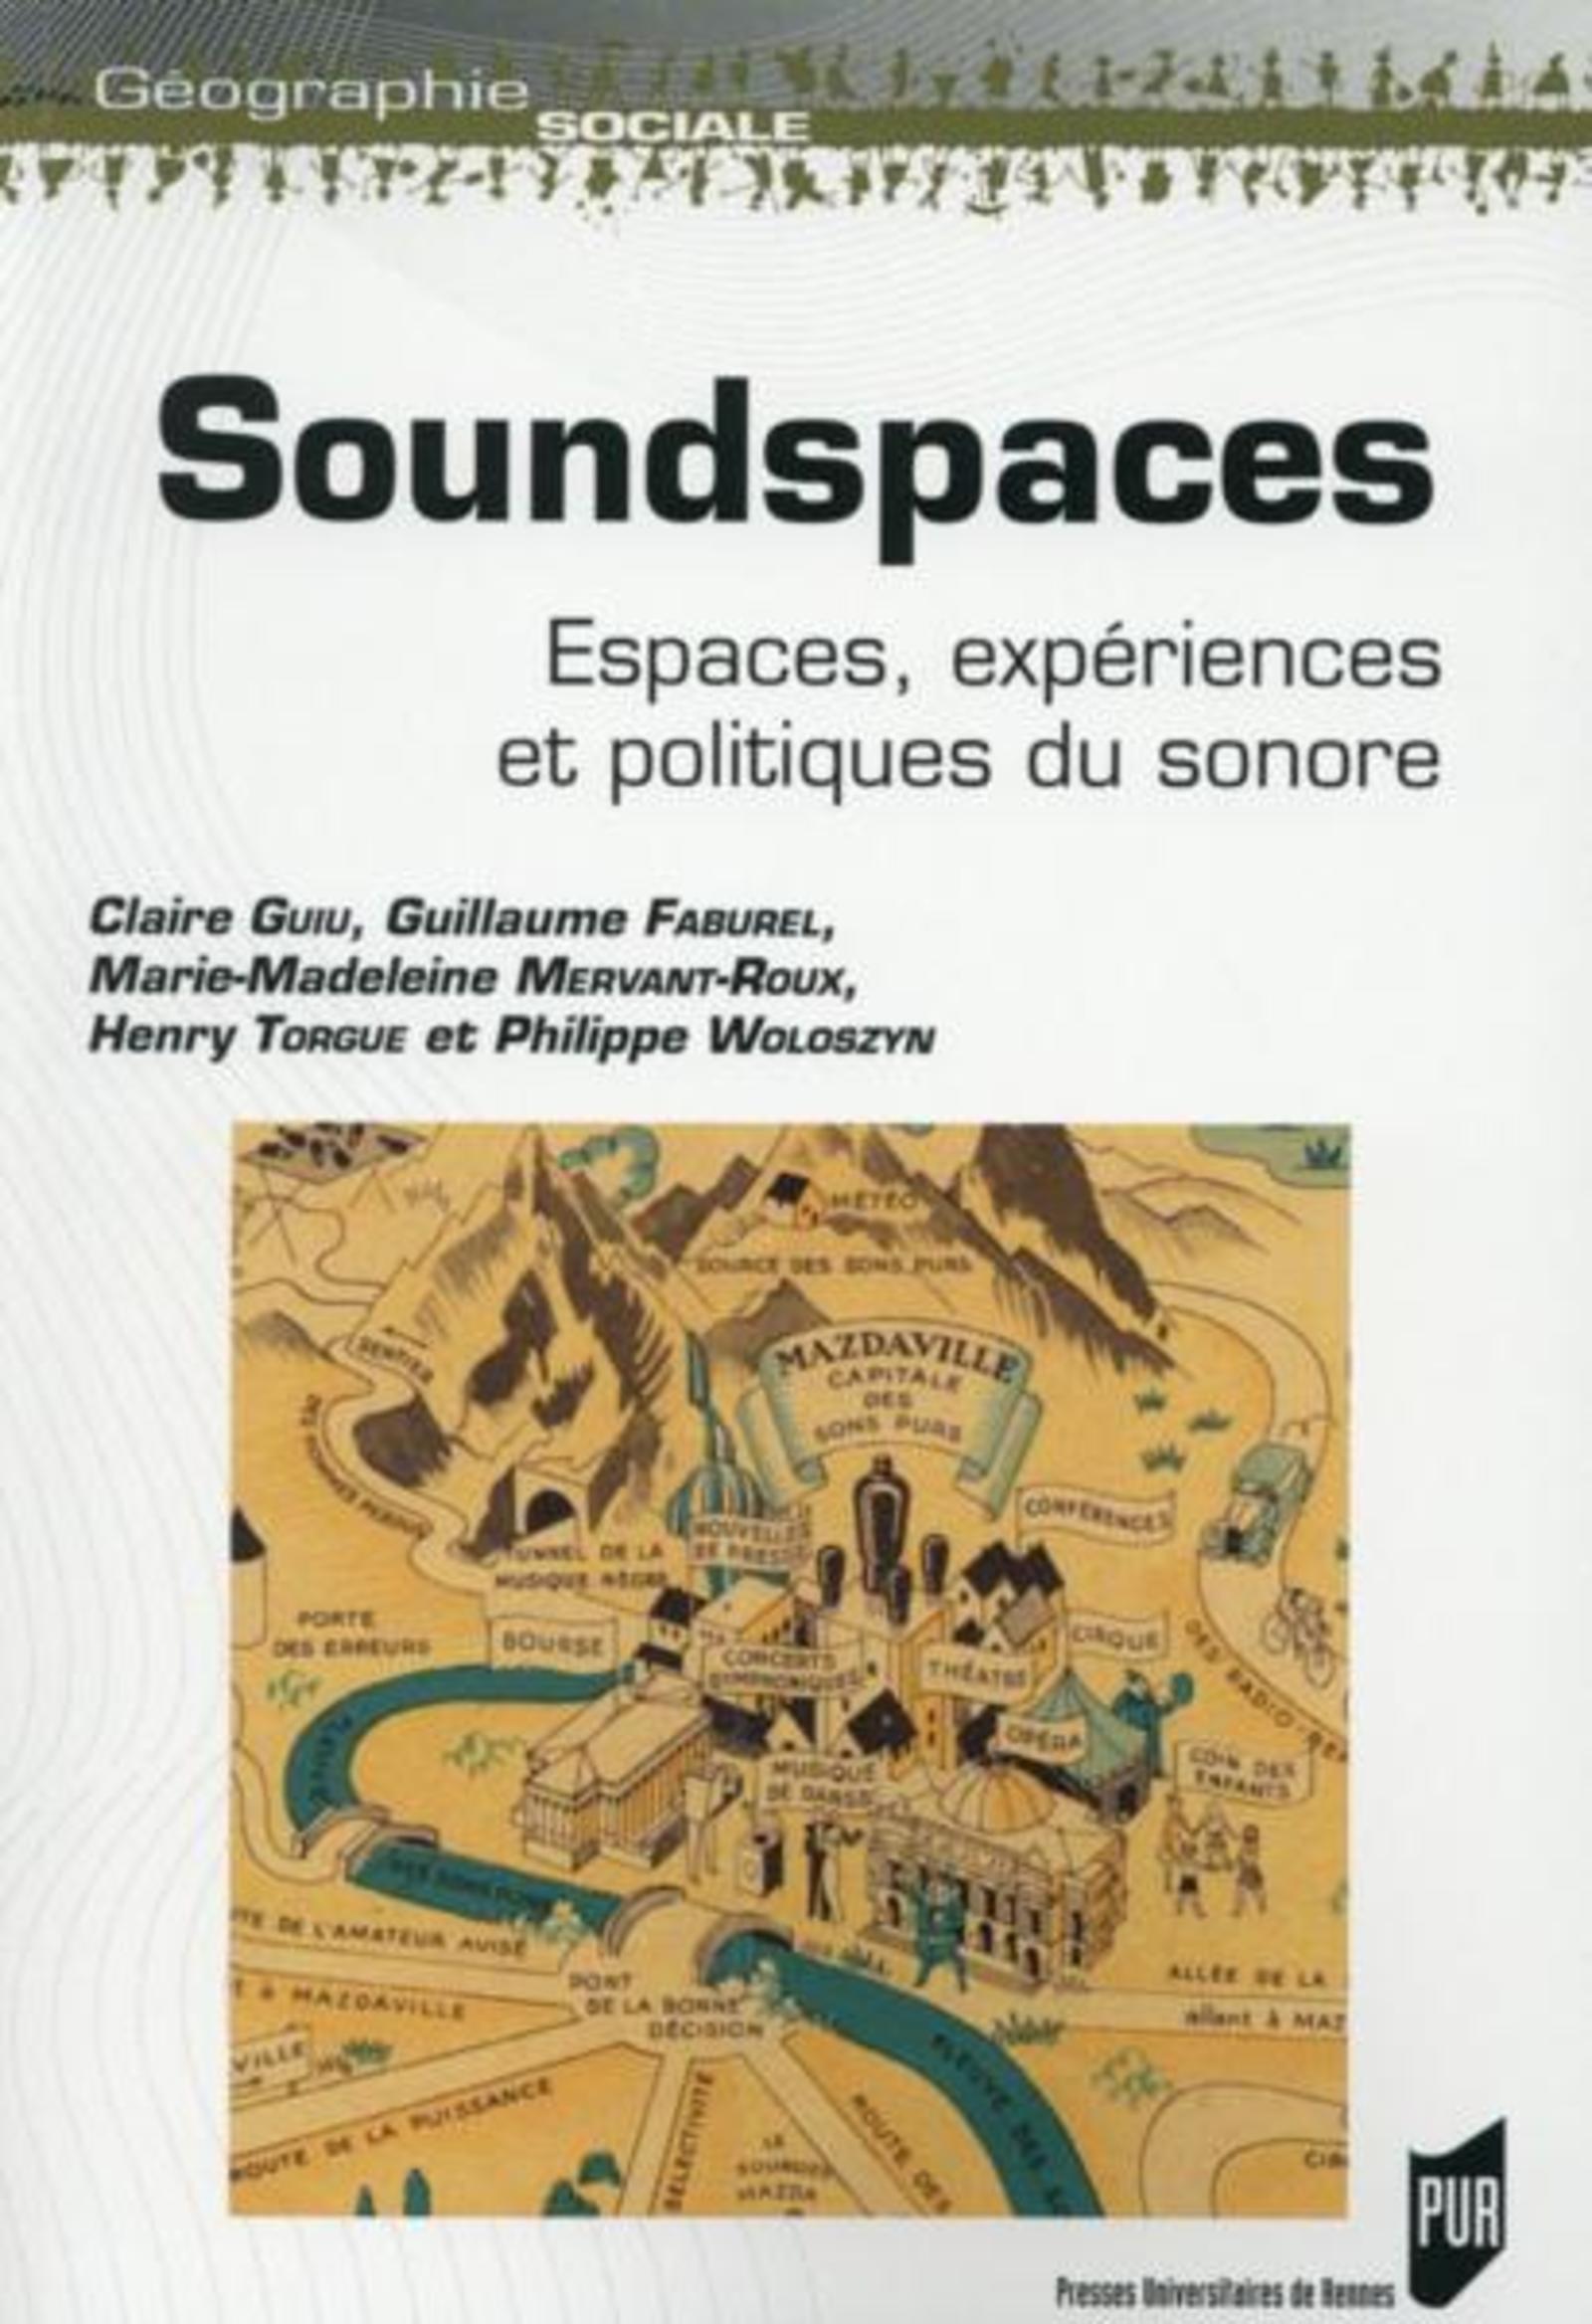 SOUNDSPACES ESPACES, EXPERIENCES ET POLITIQUES DU SONORE